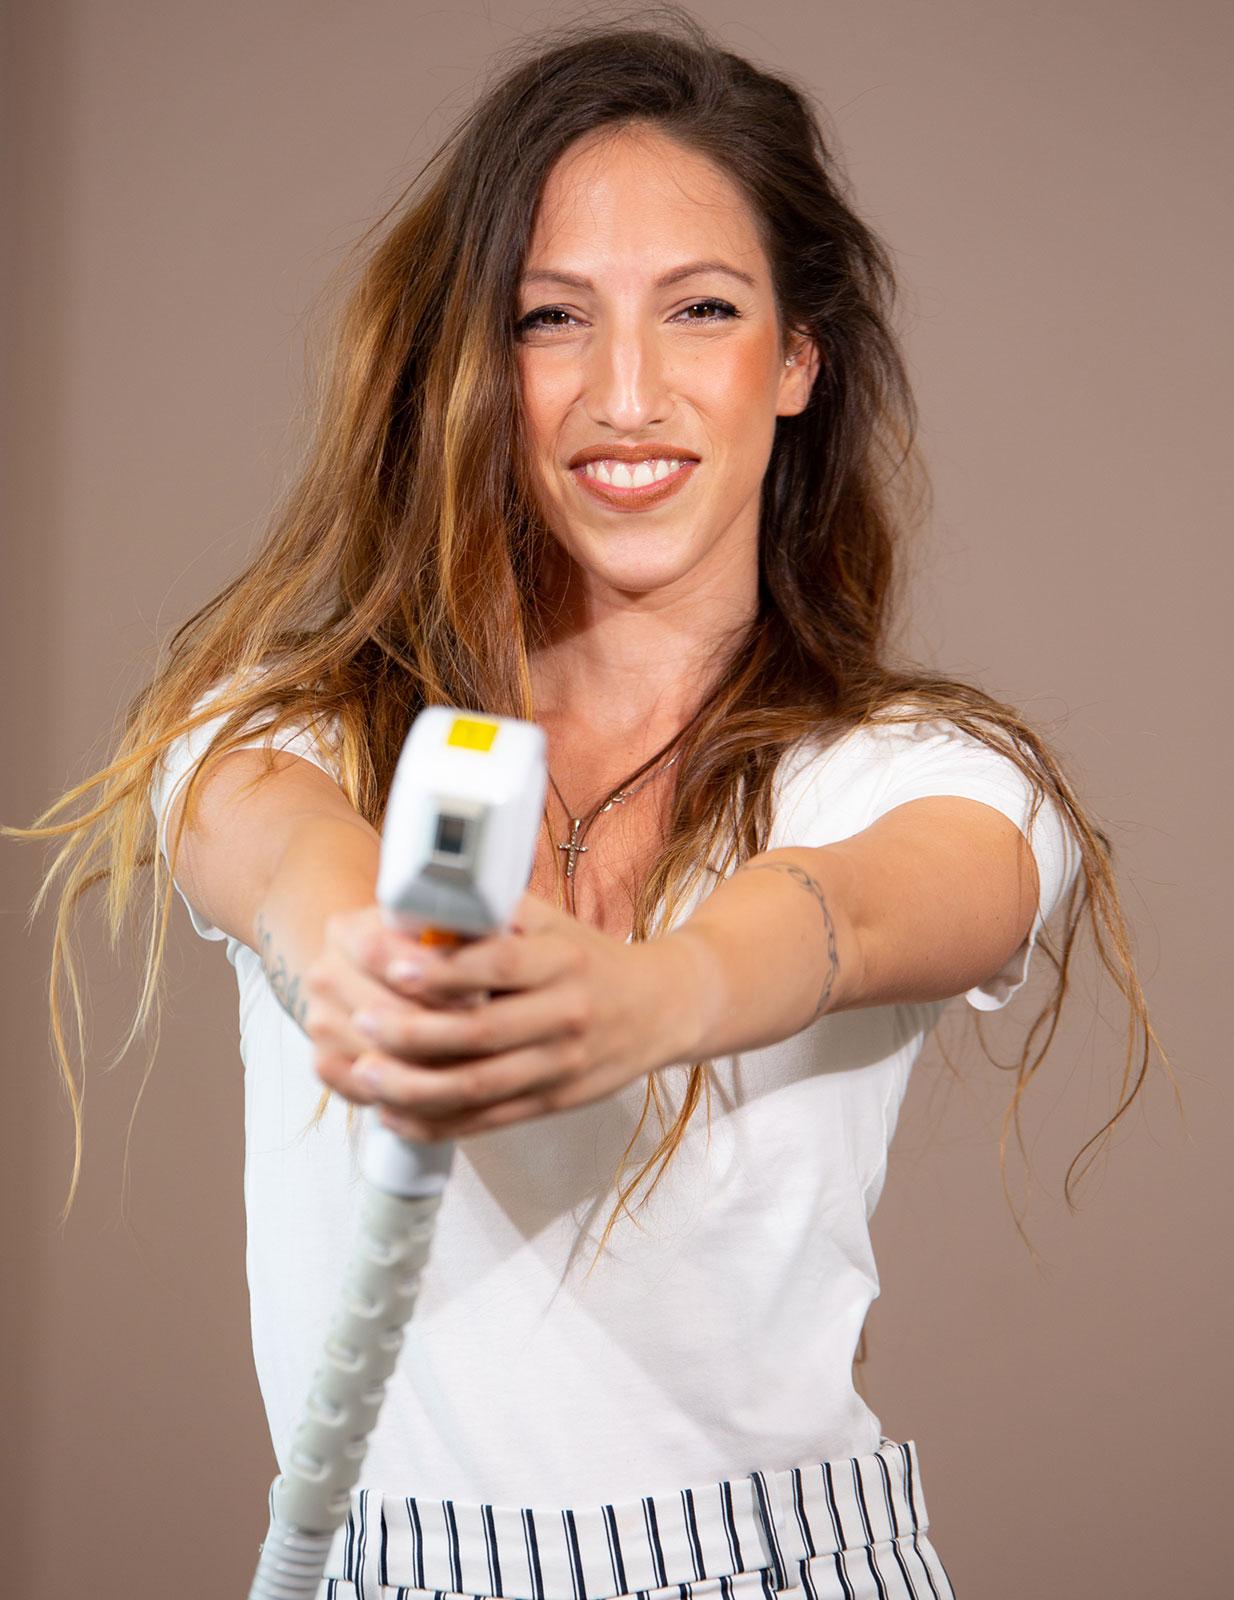 Giada Loglisci – Beauty expert